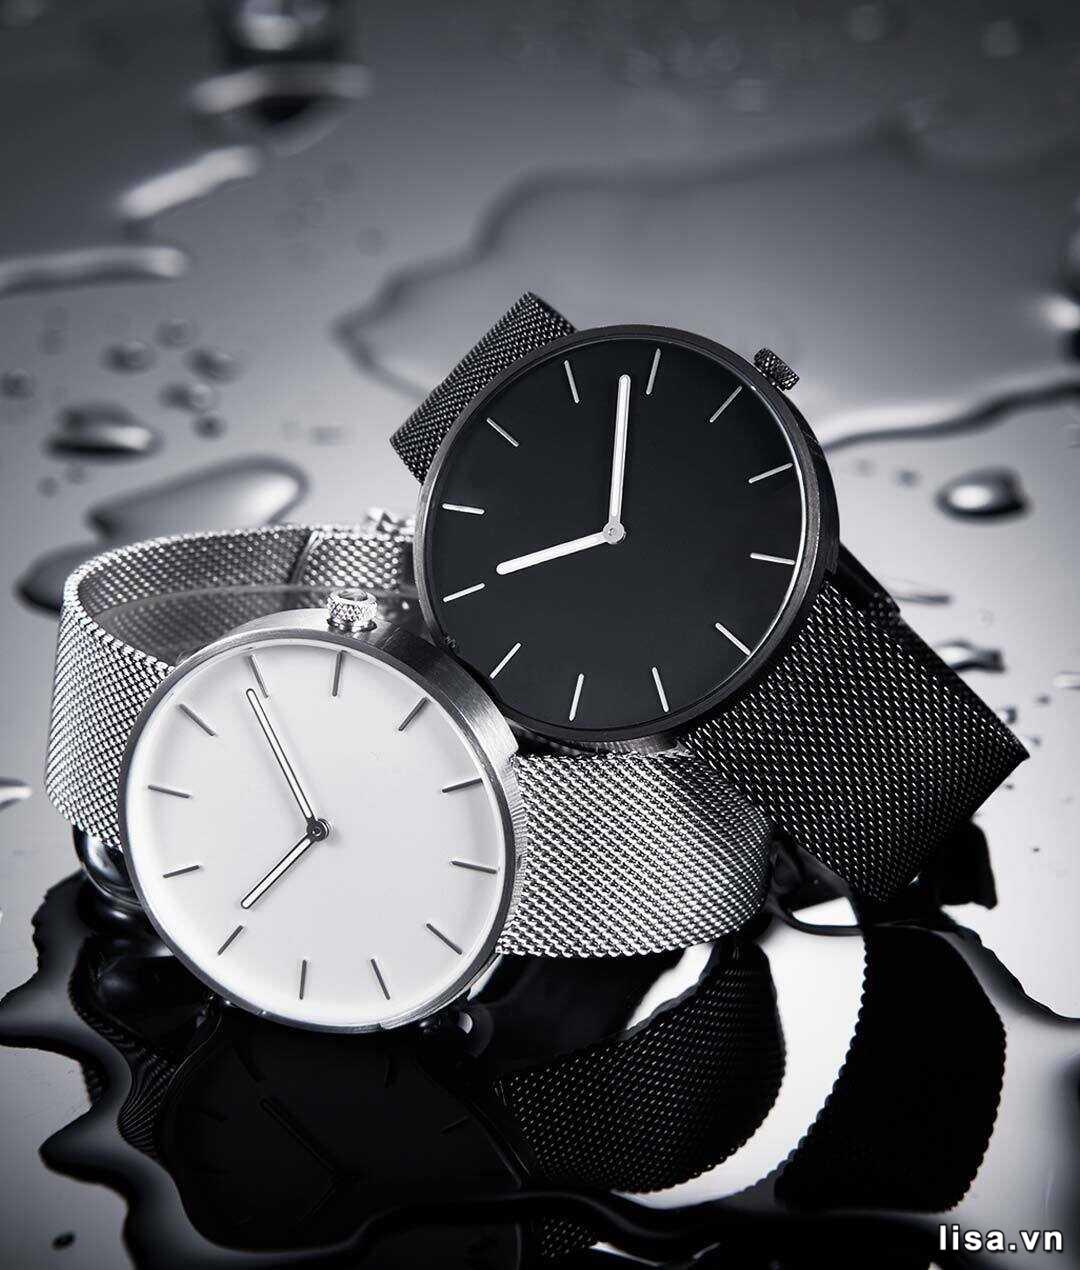 Nhiều cặp đôi chọn tặng đồng hồ nhân kỷ niệm 10 năm ngày cưới